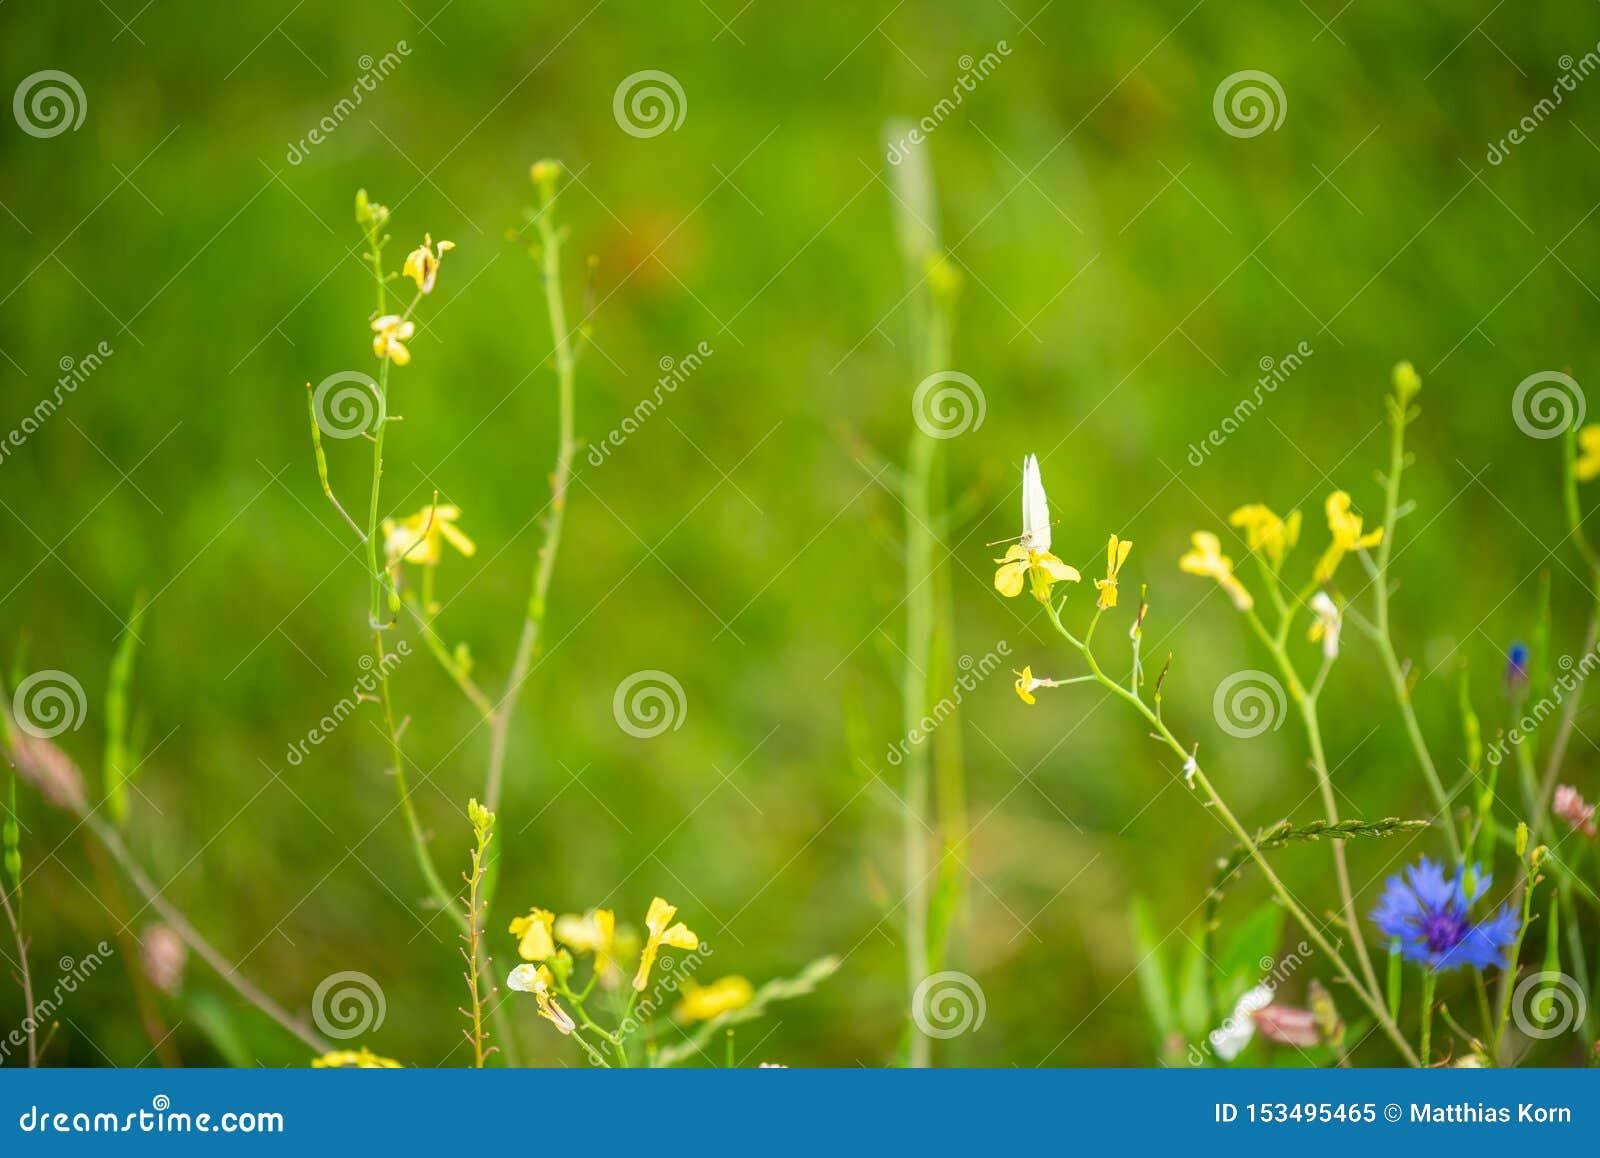 Skupia się na kwiatach i roślinach z pięknymi kolorami